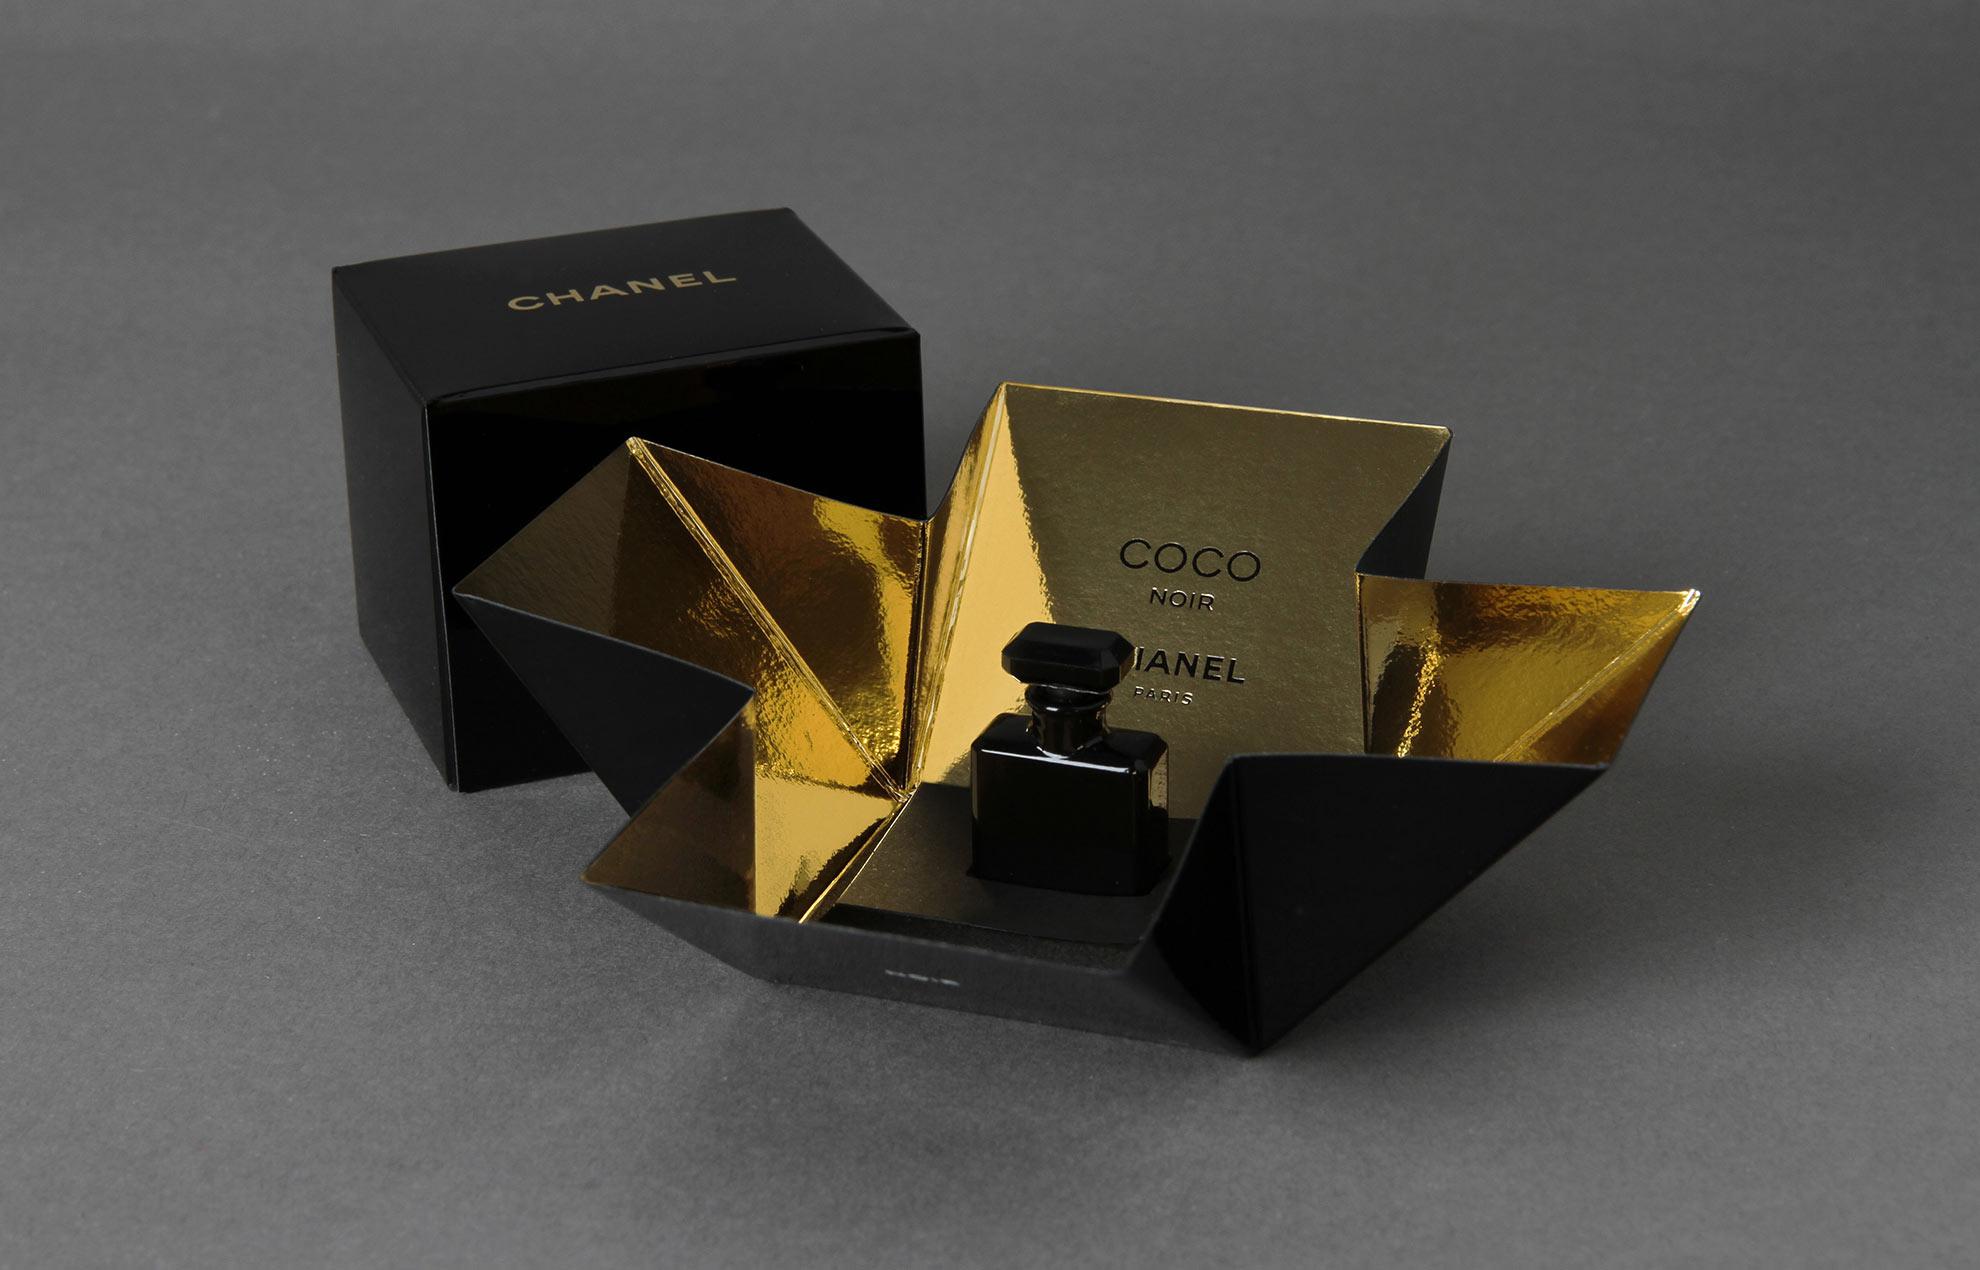 chanel coco noir marquage chaud touche parfum objet papier. Black Bedroom Furniture Sets. Home Design Ideas